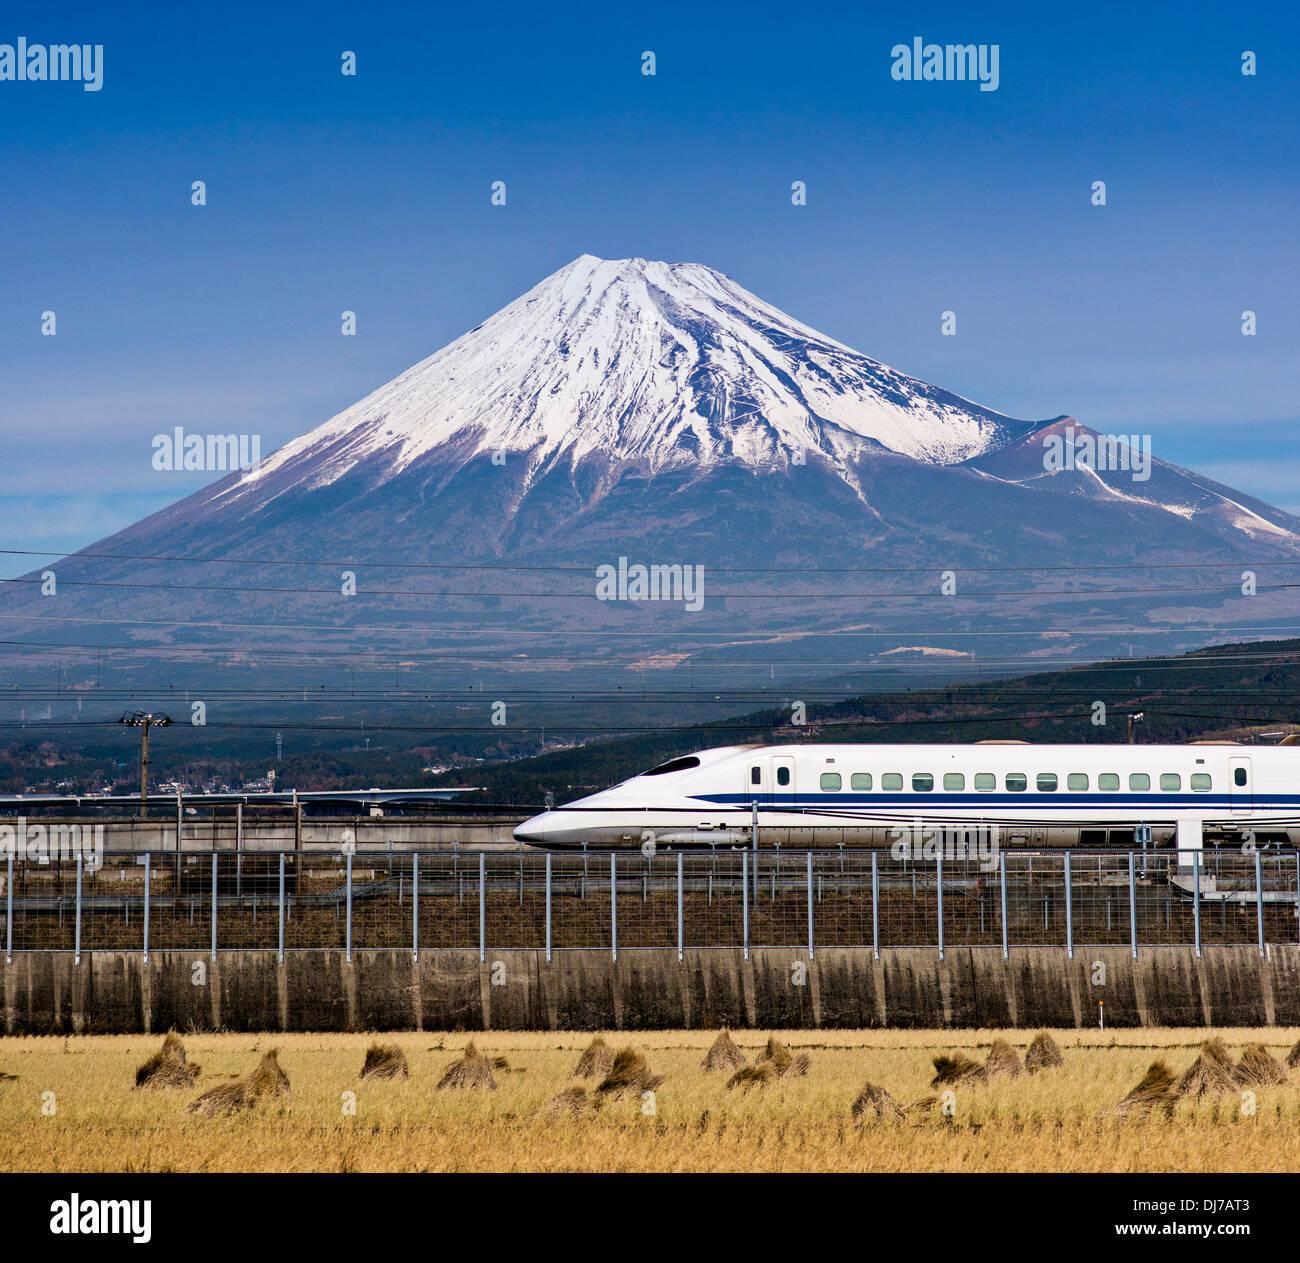 Bullet train passes below Mt. Fuji in Japan Stock Photo